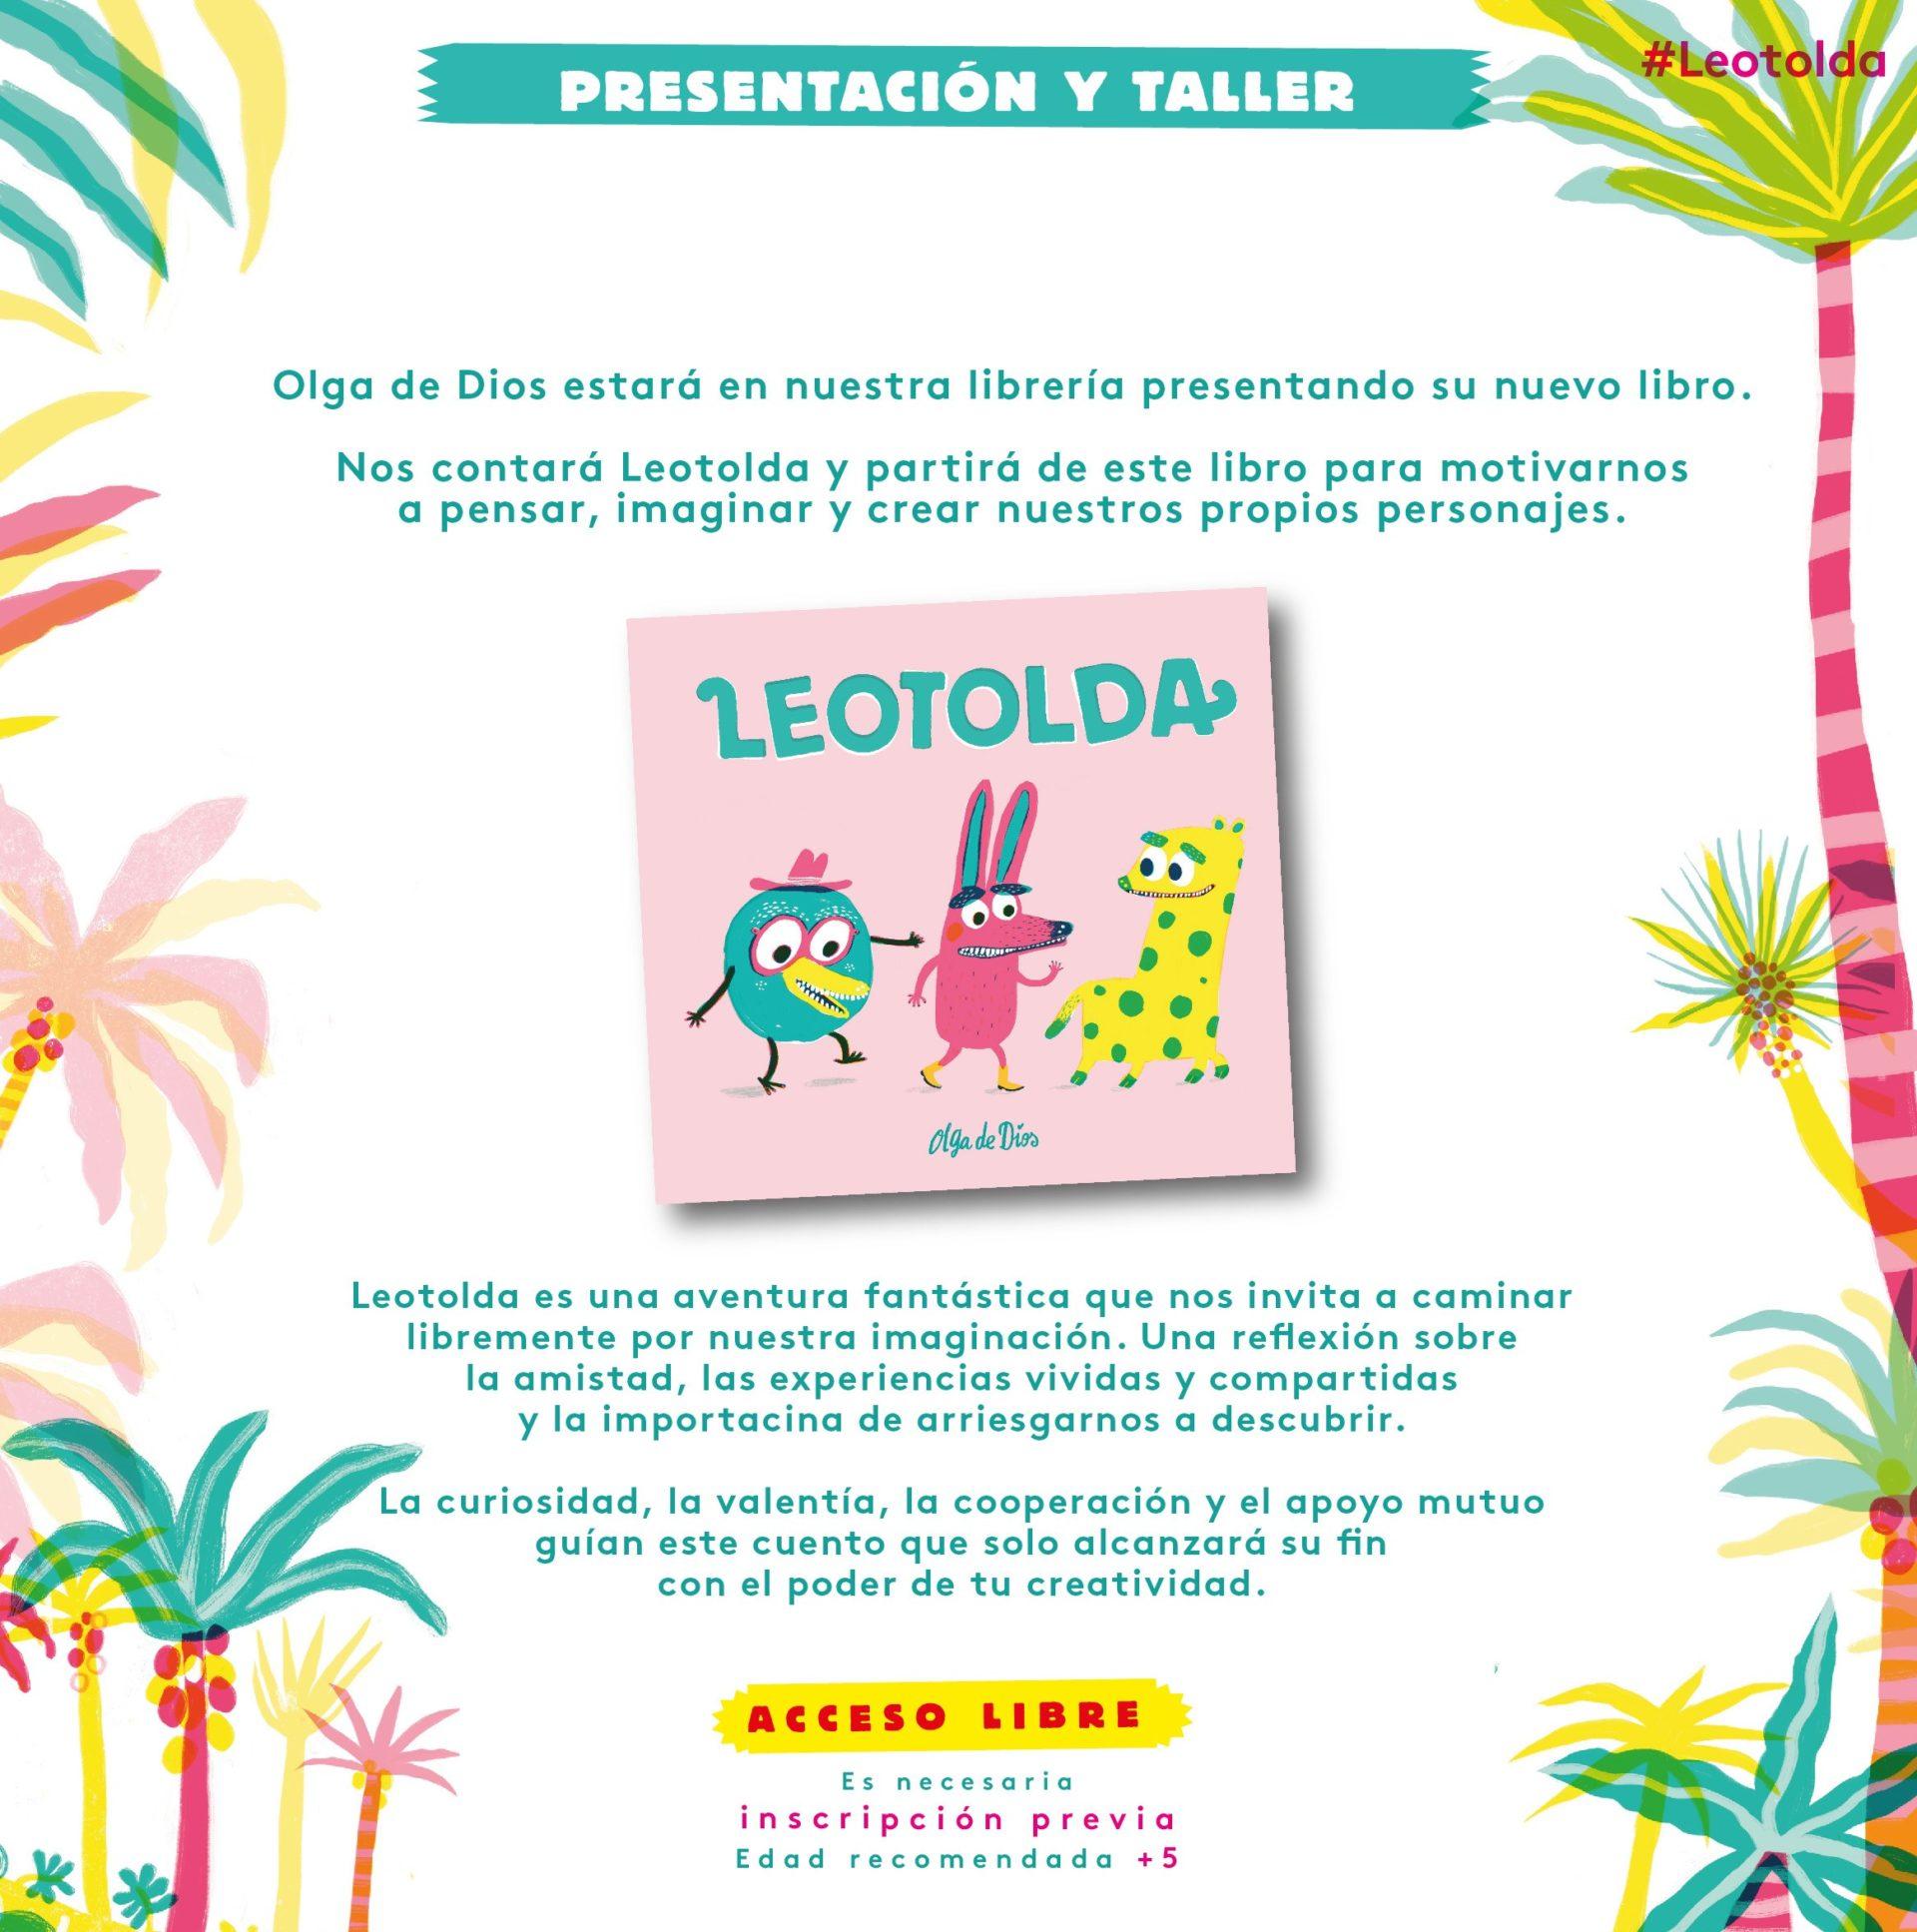 Presentación y taller del libro 'Leotolda'